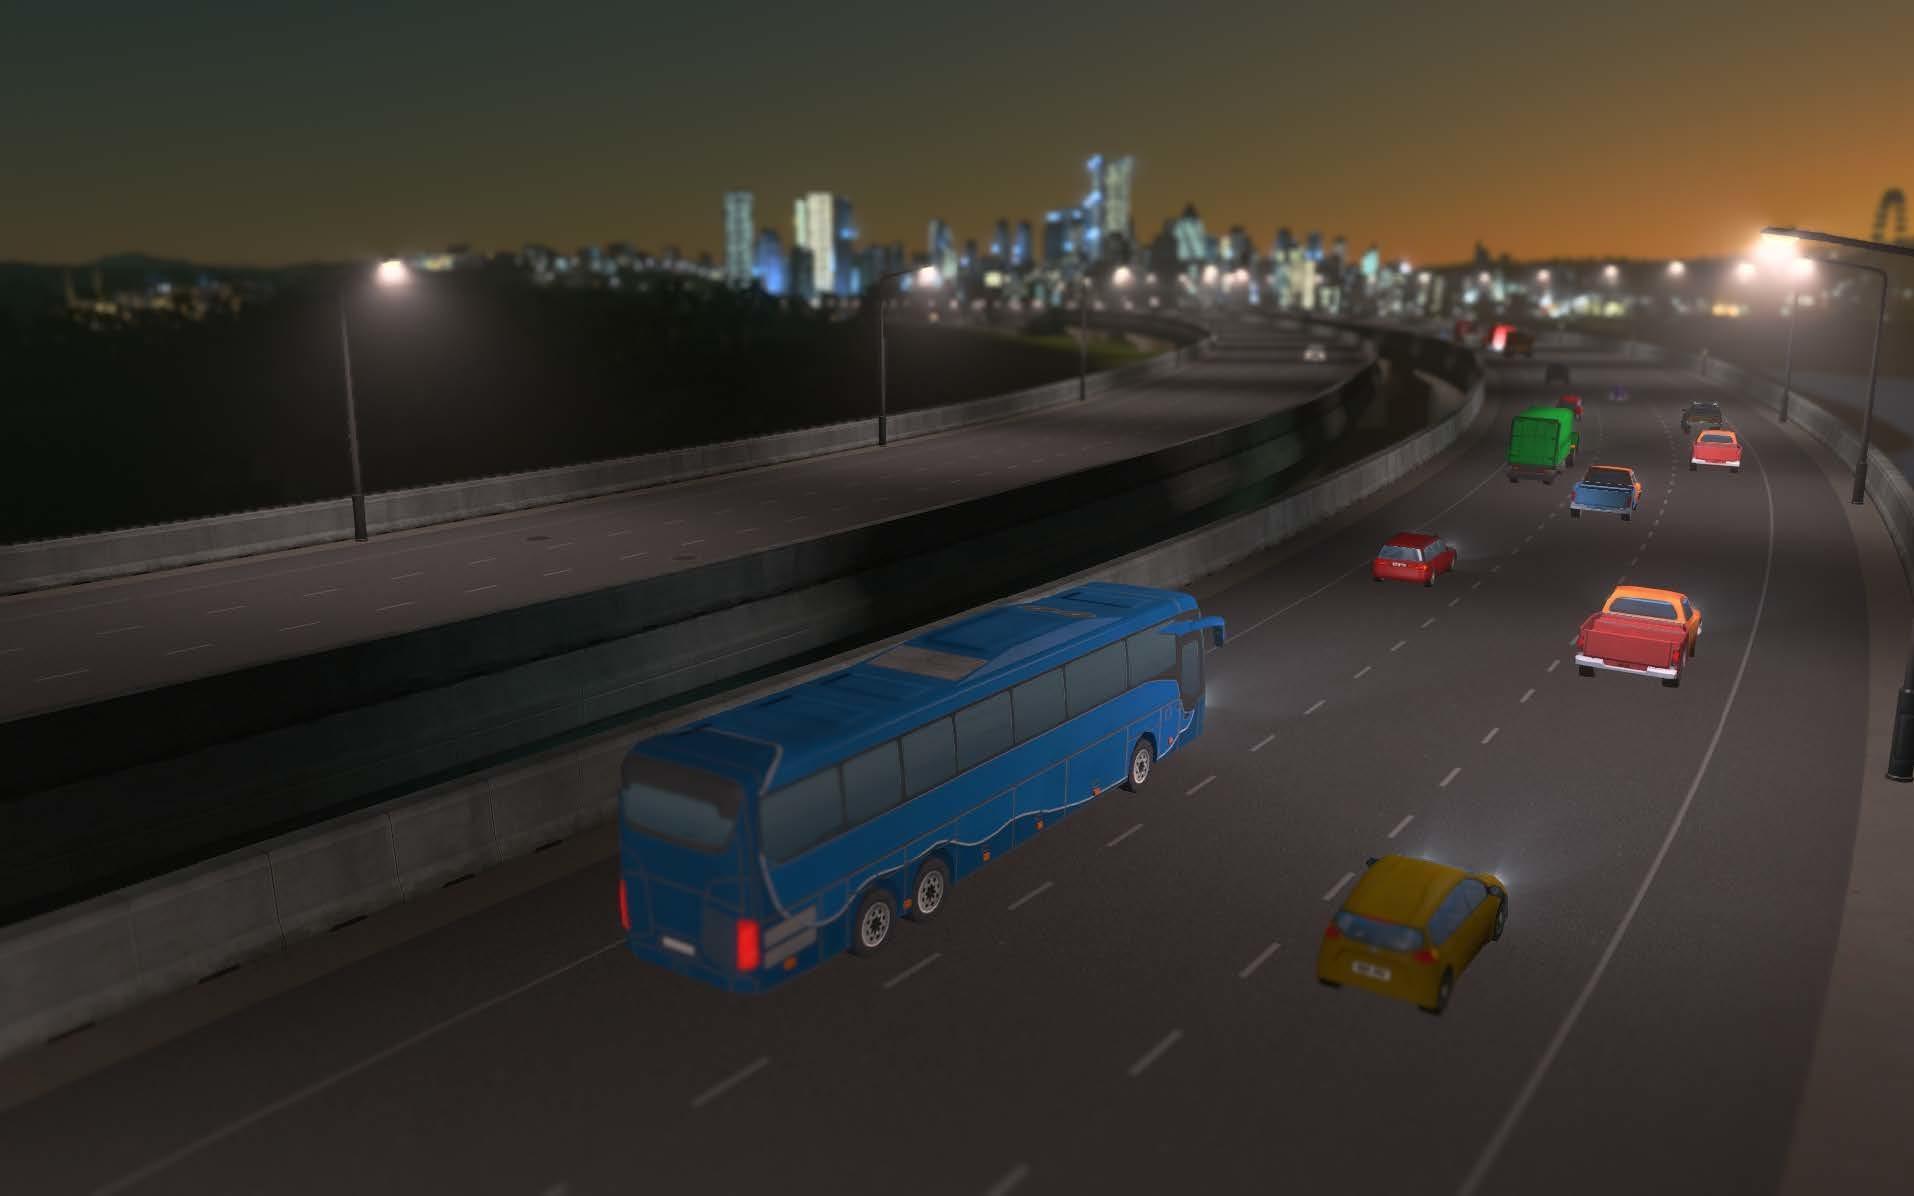 Serviço de ônibus interurbano